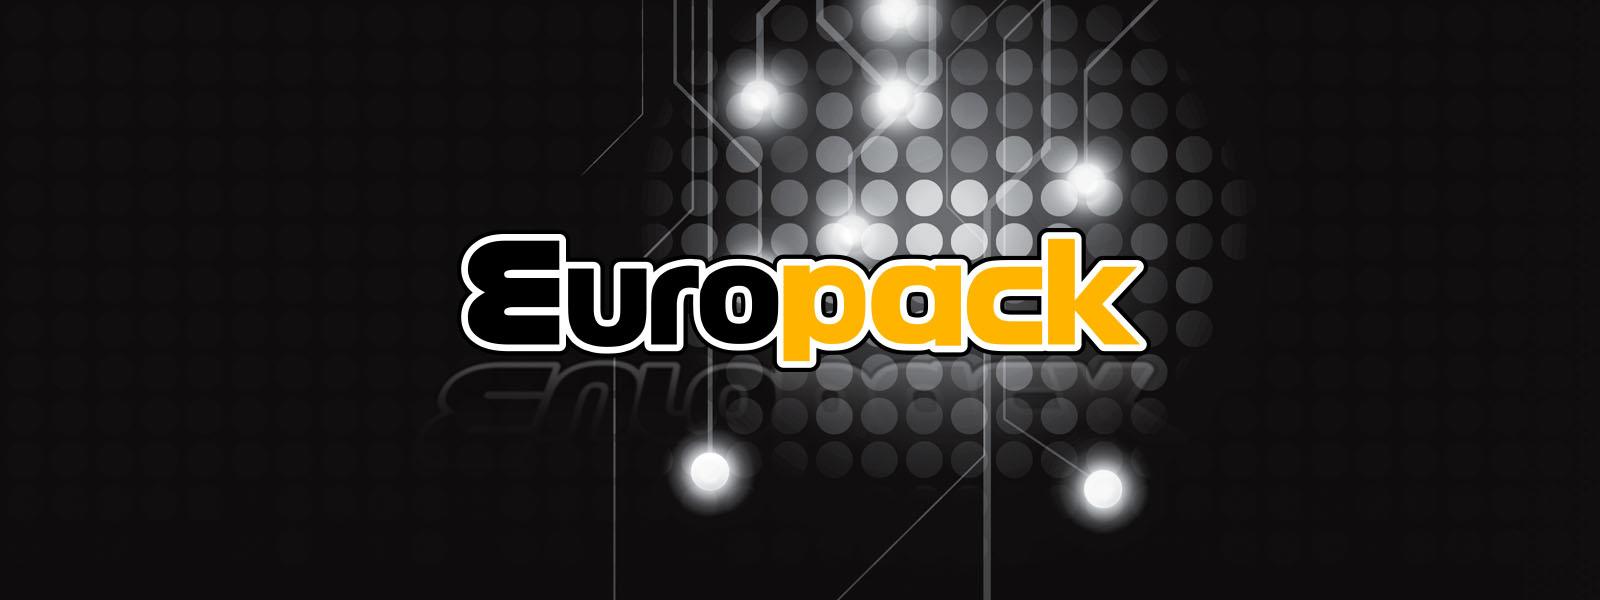 Servizio Fotografico Europack